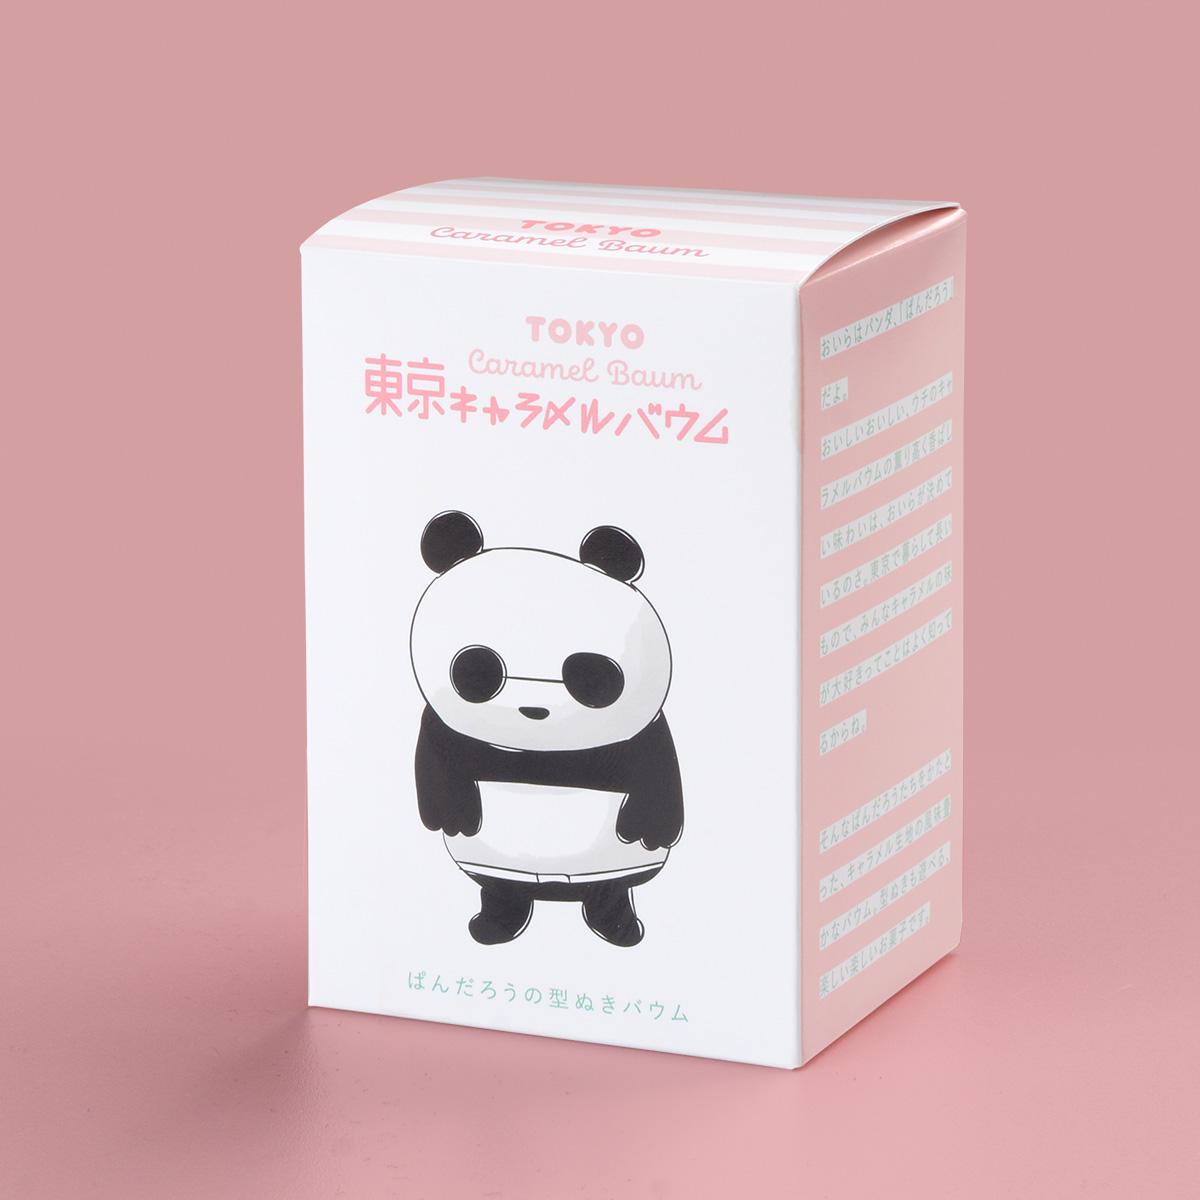 ぱんだろうの型ぬきバウム